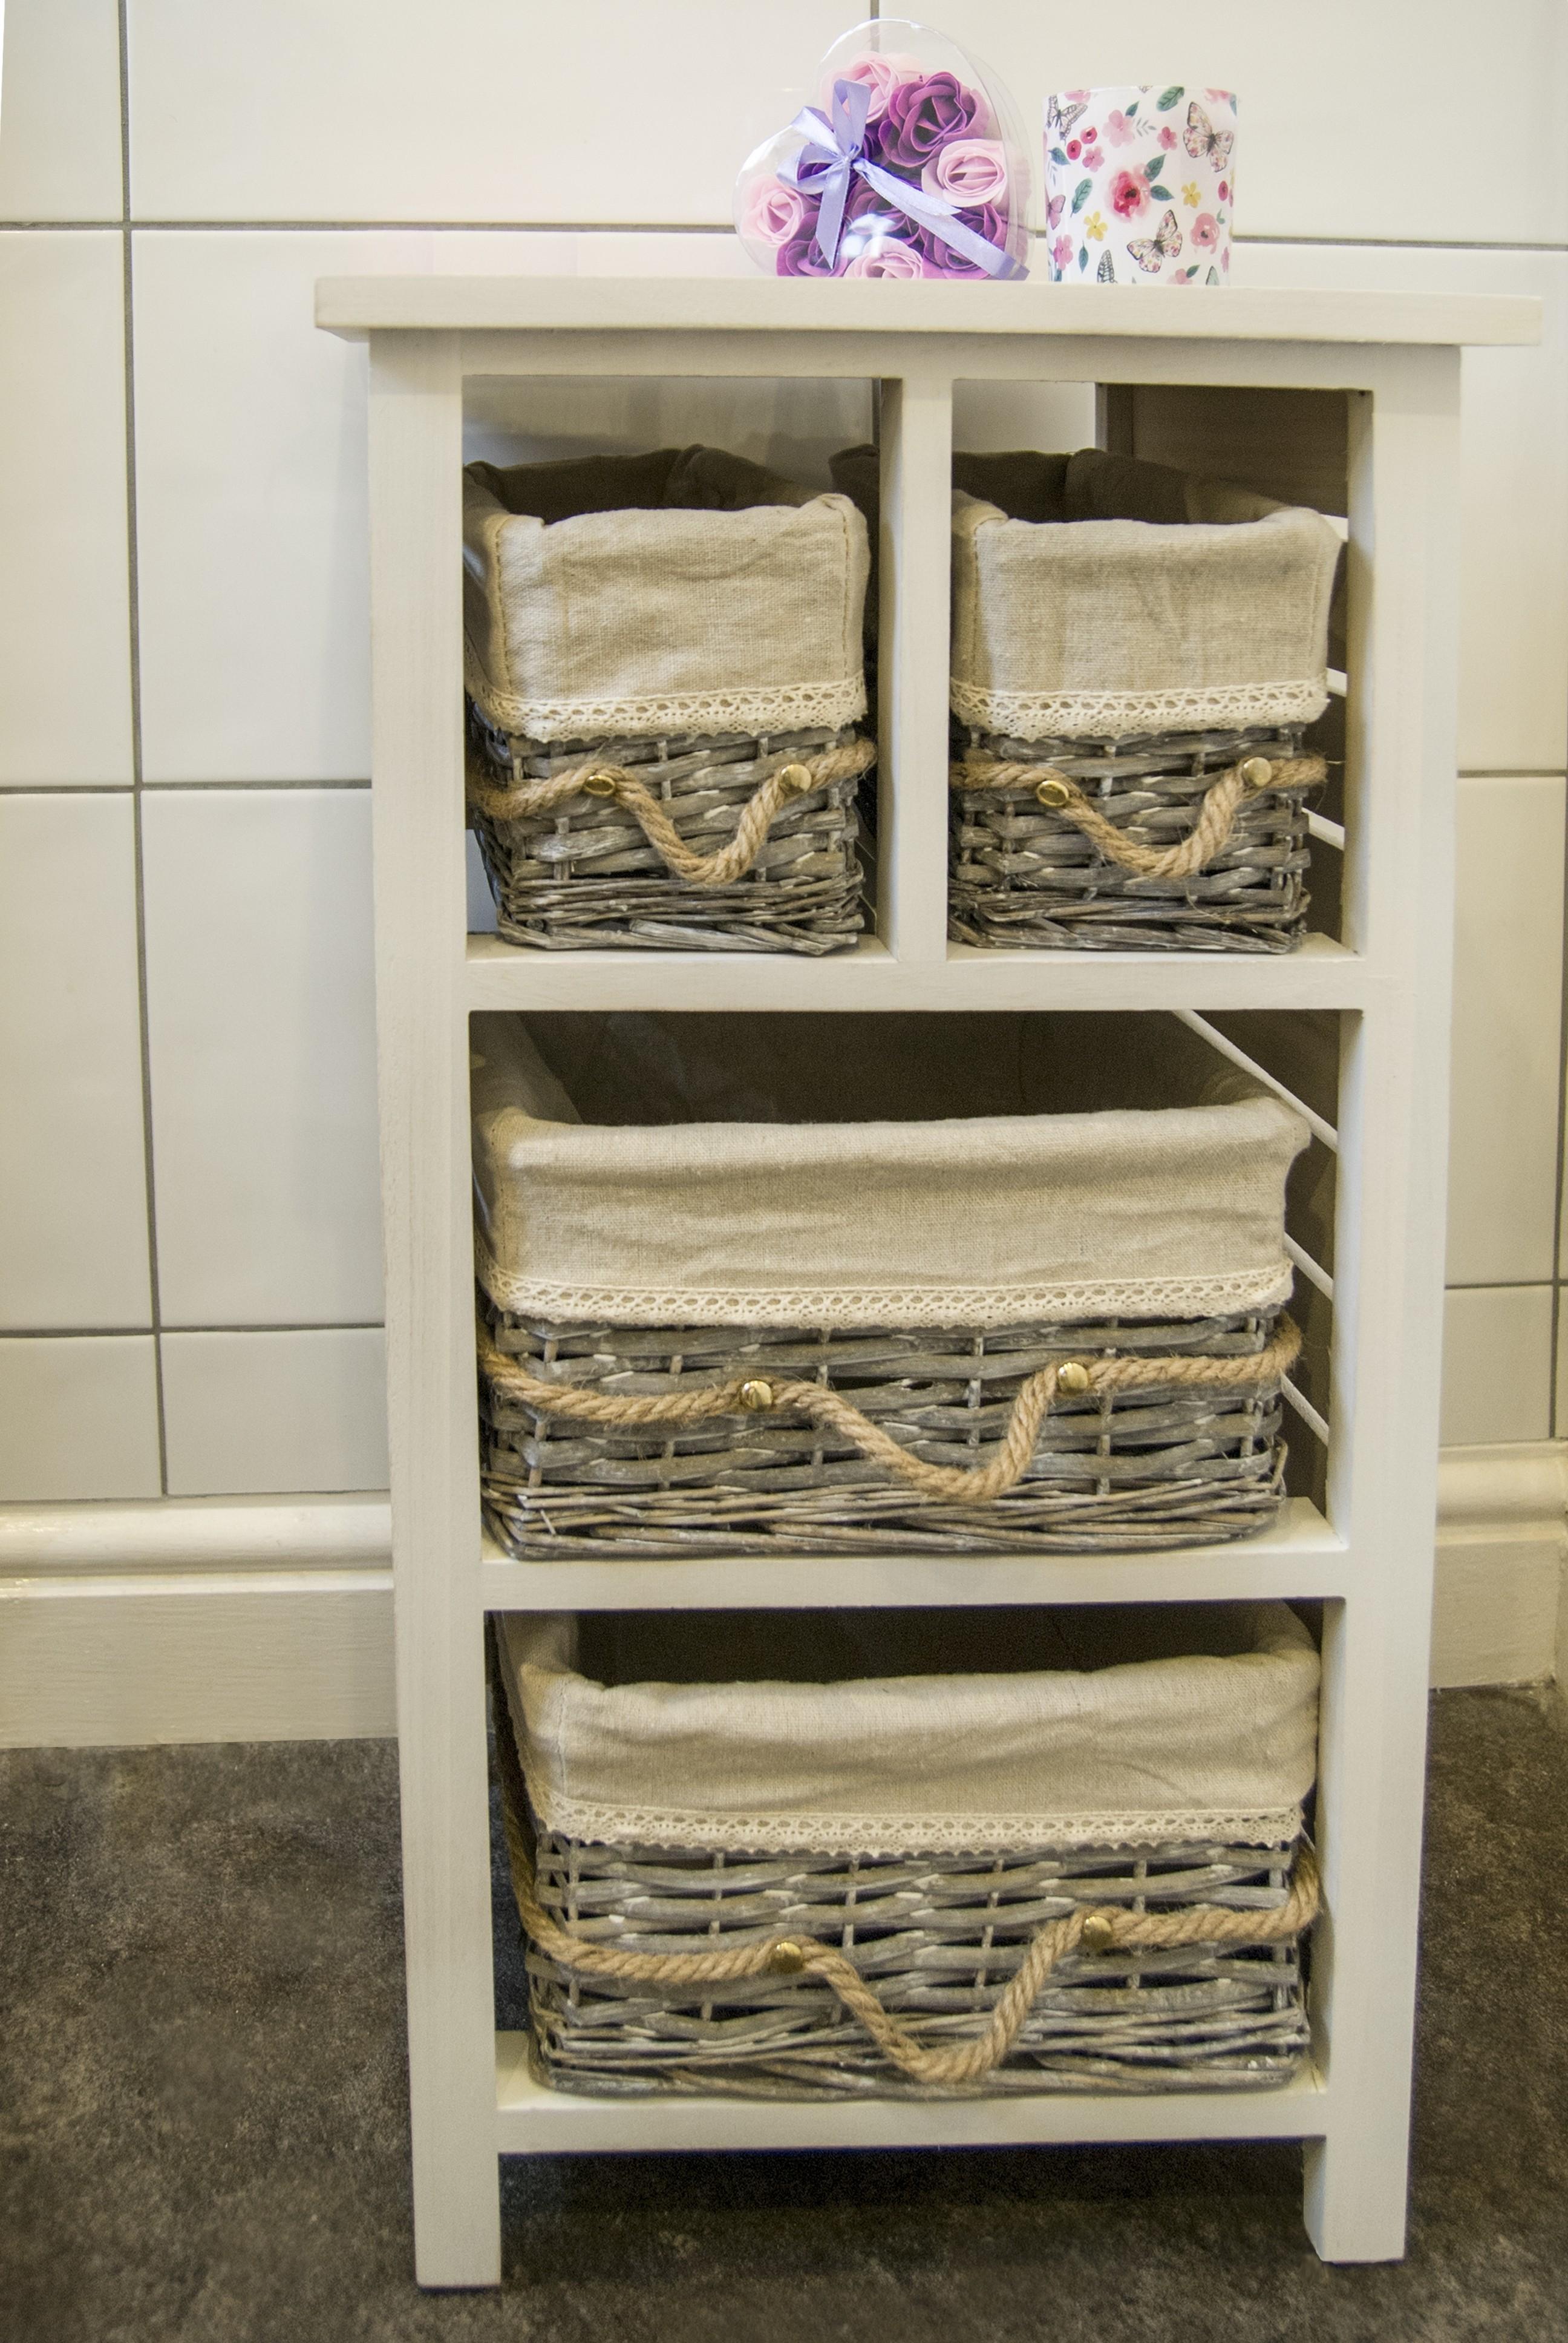 Storage 4 Drawers Whitegrey Unit Solid Wood Wicker Basket with regard to size 2592 X 3872